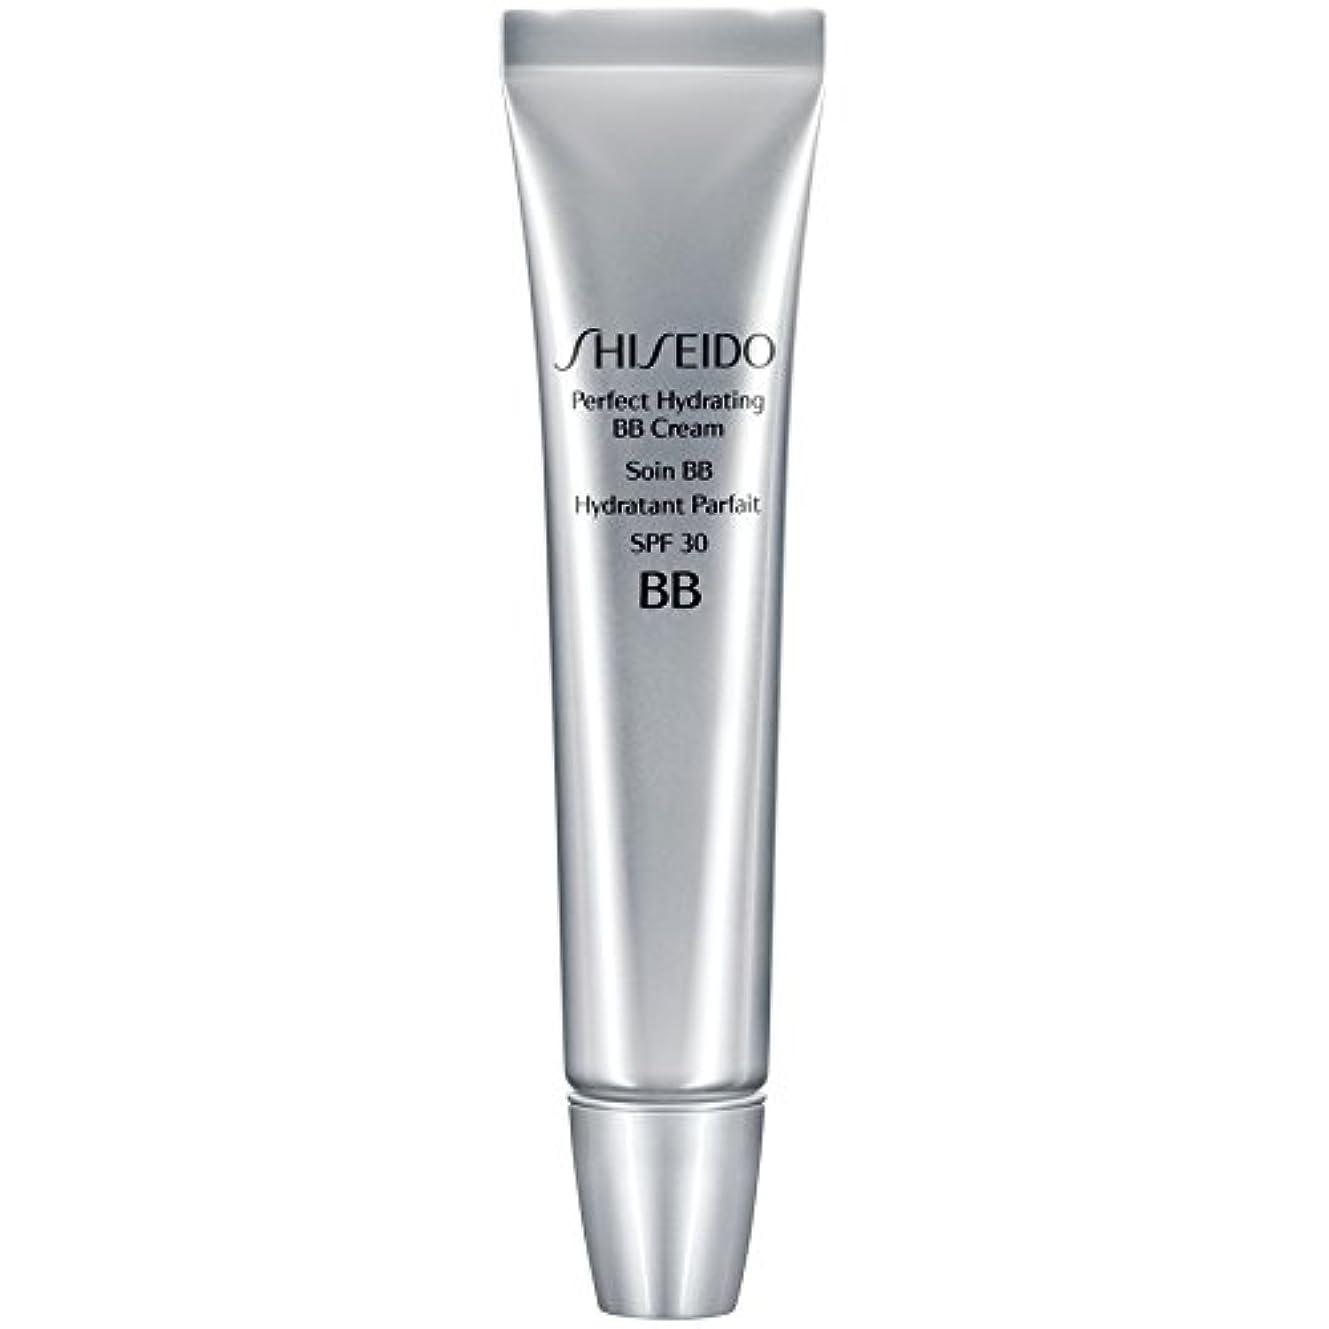 意図的匿名アクセント[Shiseido ] 資生堂完璧な水和BbクリームSpf 30 30ミリリットル媒体 - Shiseido Perfect Hydrating BB Cream SPF 30 30ml Medium [並行輸入品]